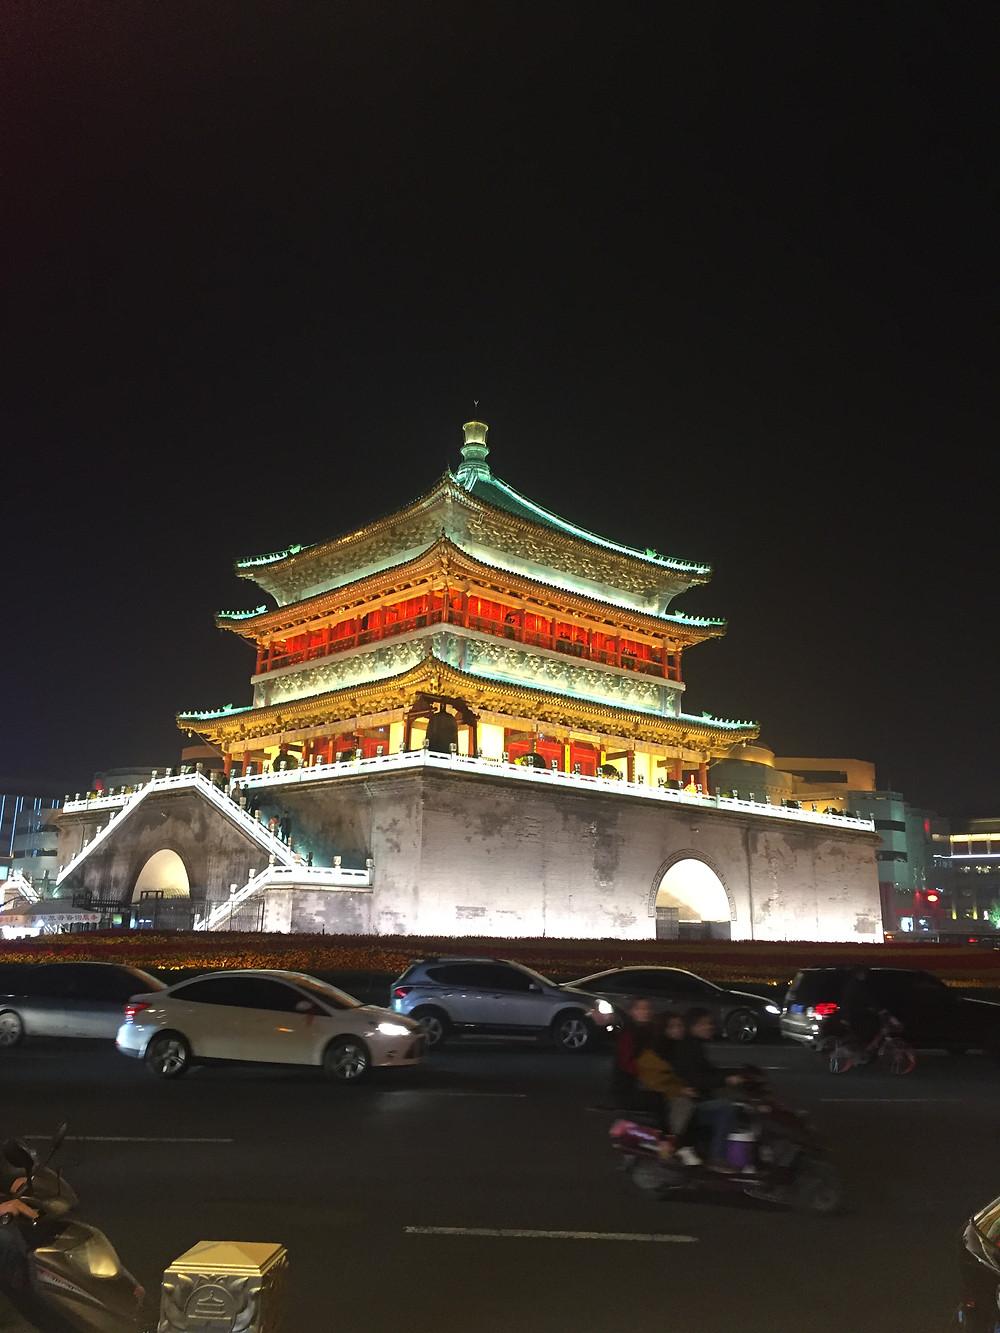 Xian's Drum Tower (Gulou)